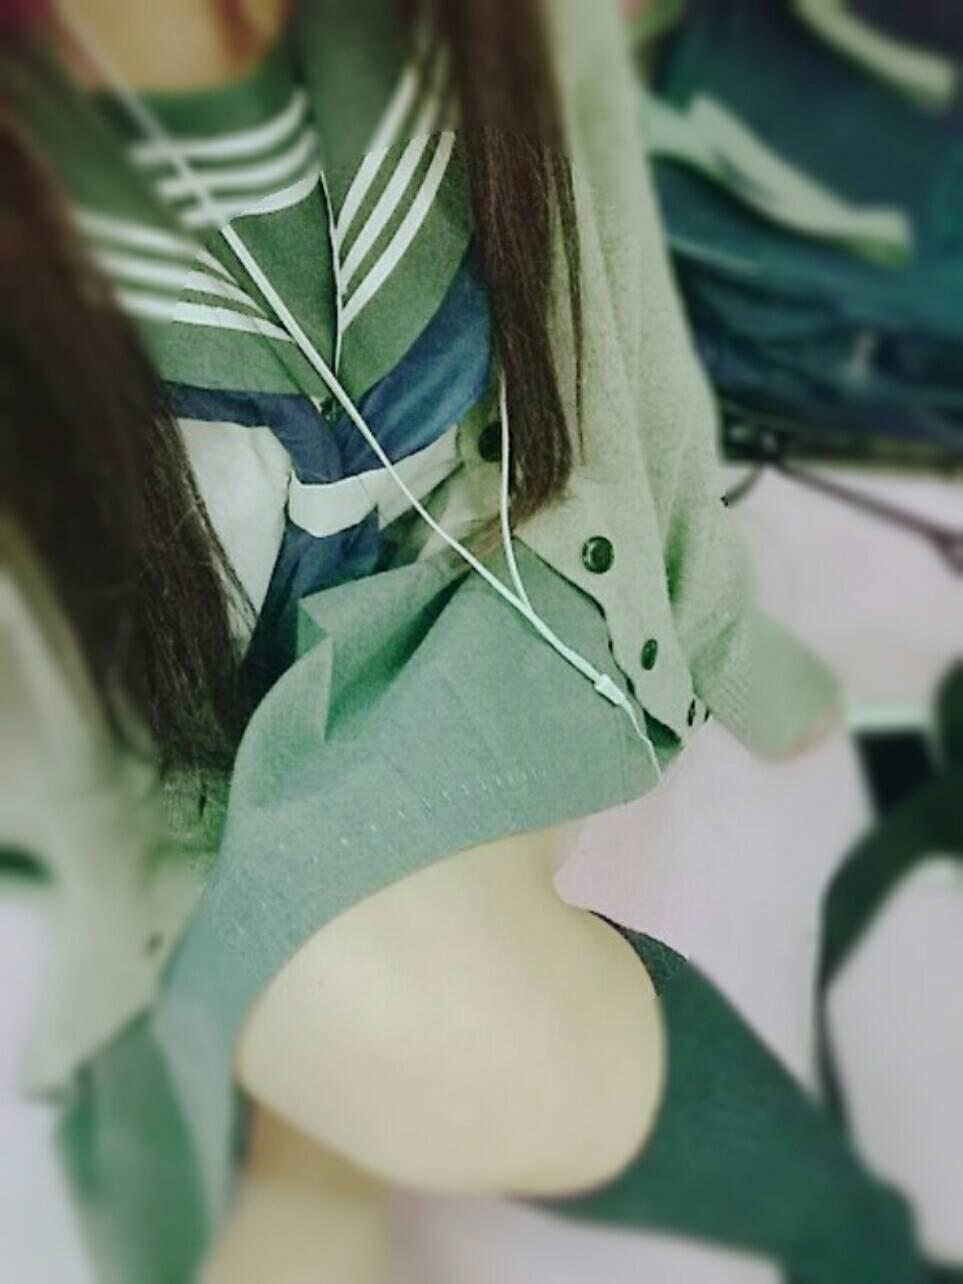 「あきです(ノ)*´꒳`*(ヾ)」09/24(日) 15:01 | あきの写メ・風俗動画